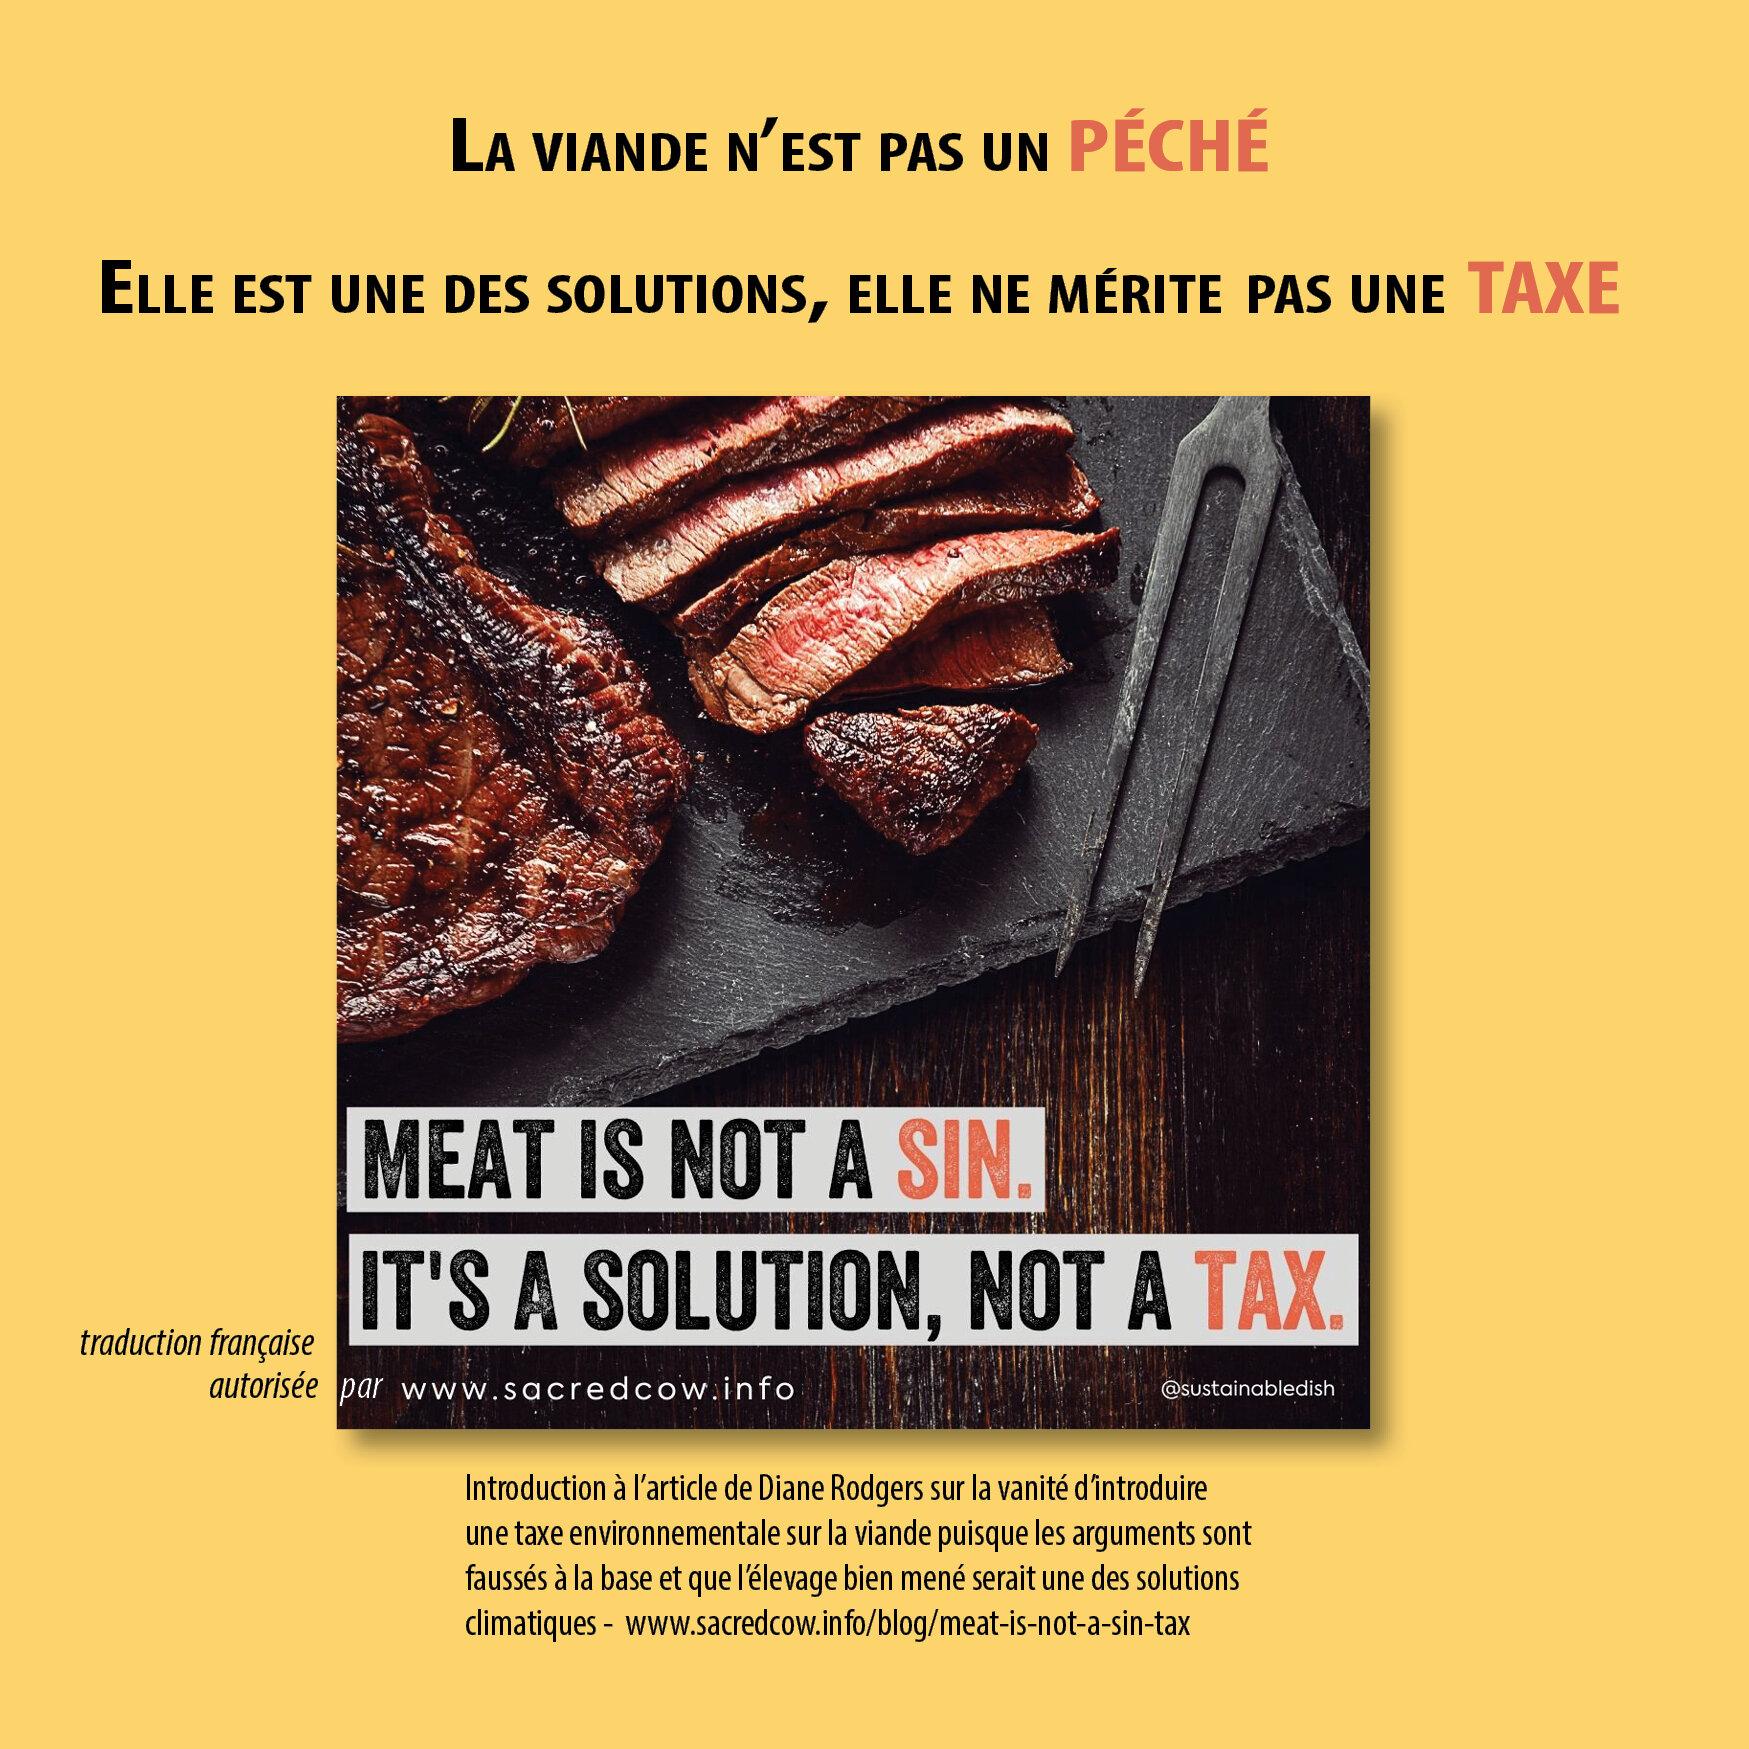 FRsacredcow_meattax.jpg